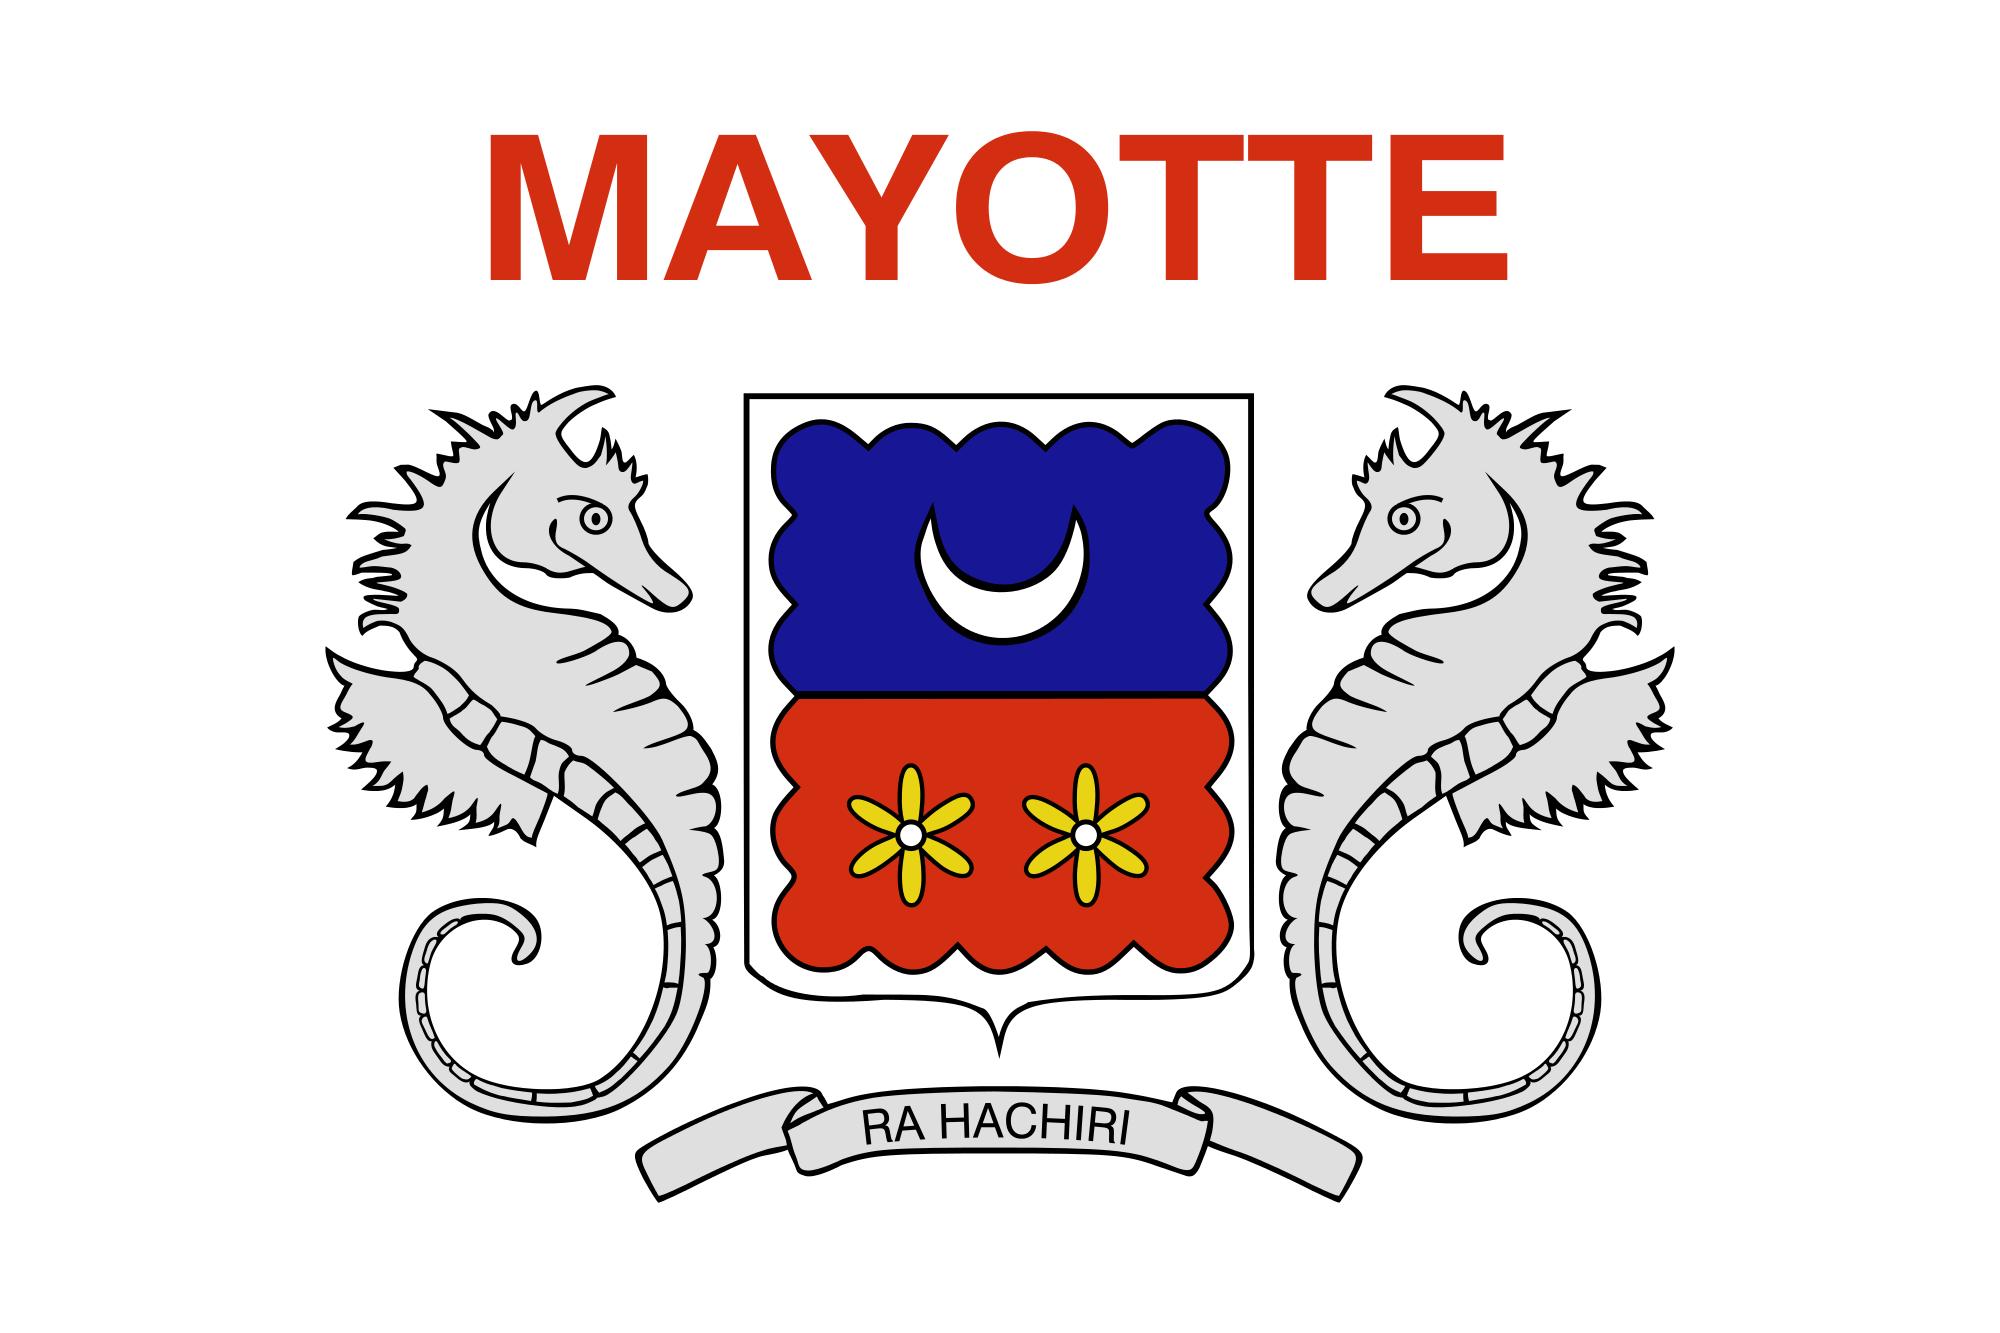 Mayotte, Land, Emblem, Logo, Symbol - Wallpaper HD - Prof.-falken.com